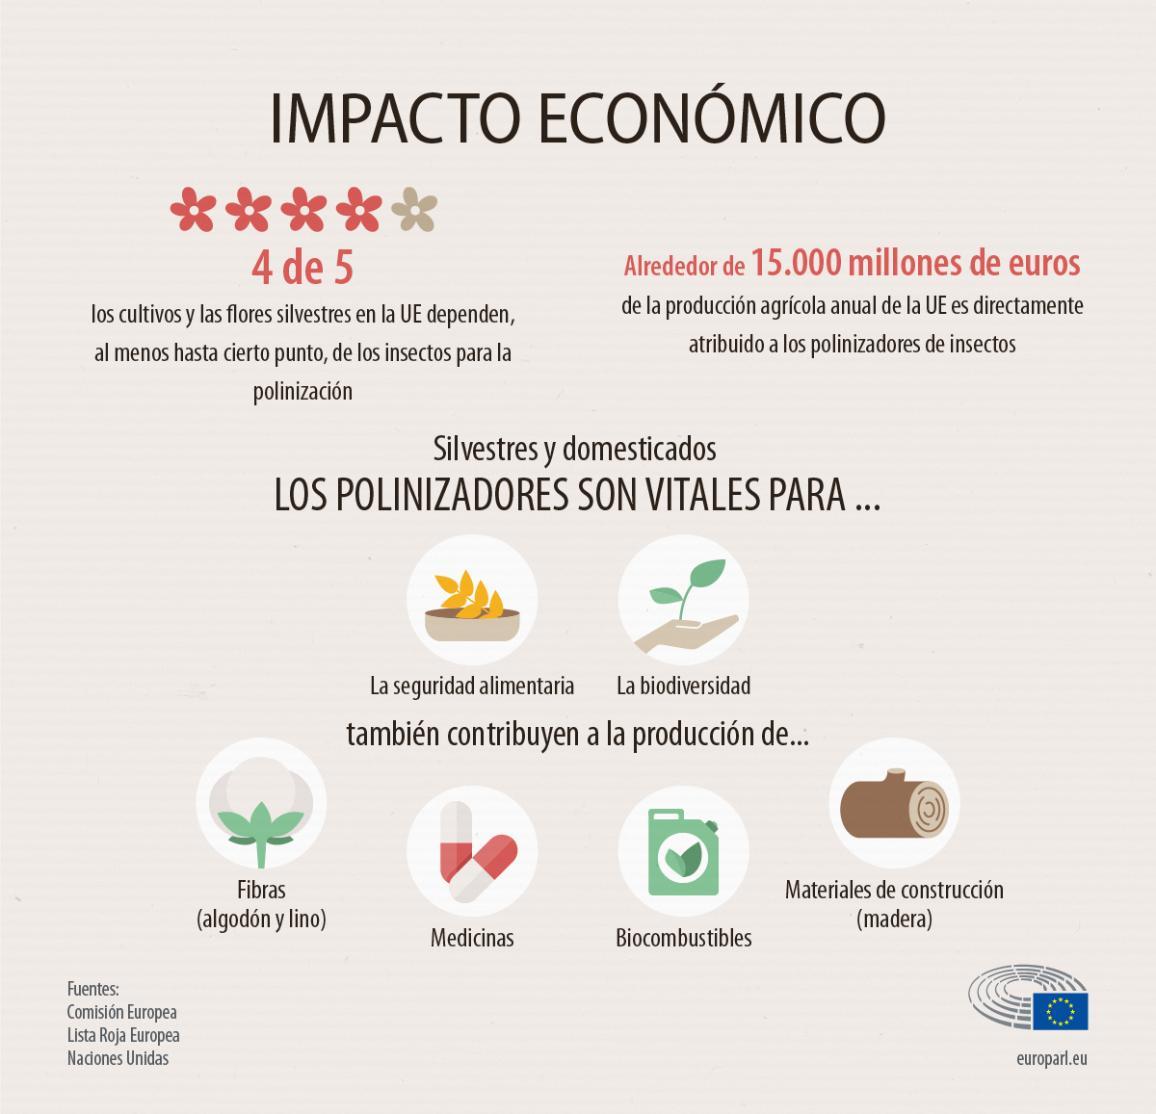 Impacto económico de la reducción de comunidades de polinizadores